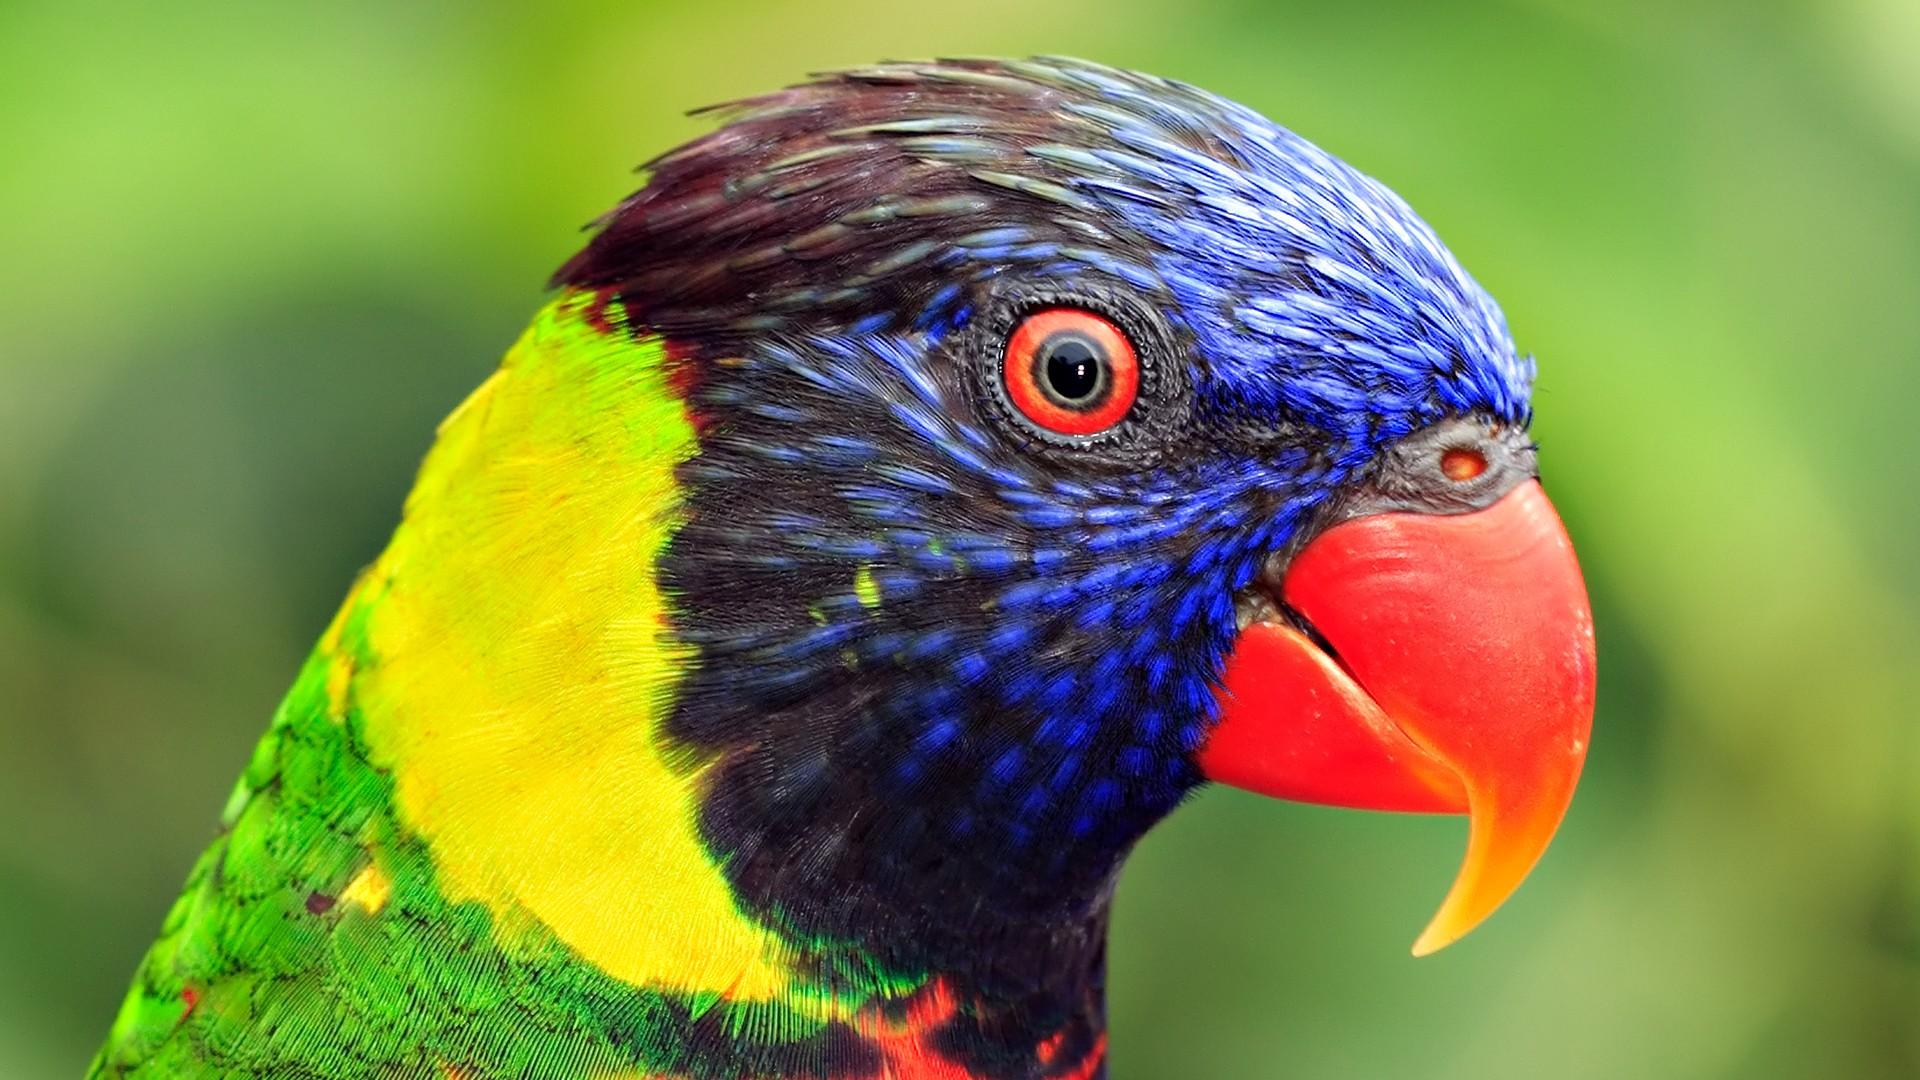 Close-up birds animals parrots wallpaper   1920x1080   218547 ...